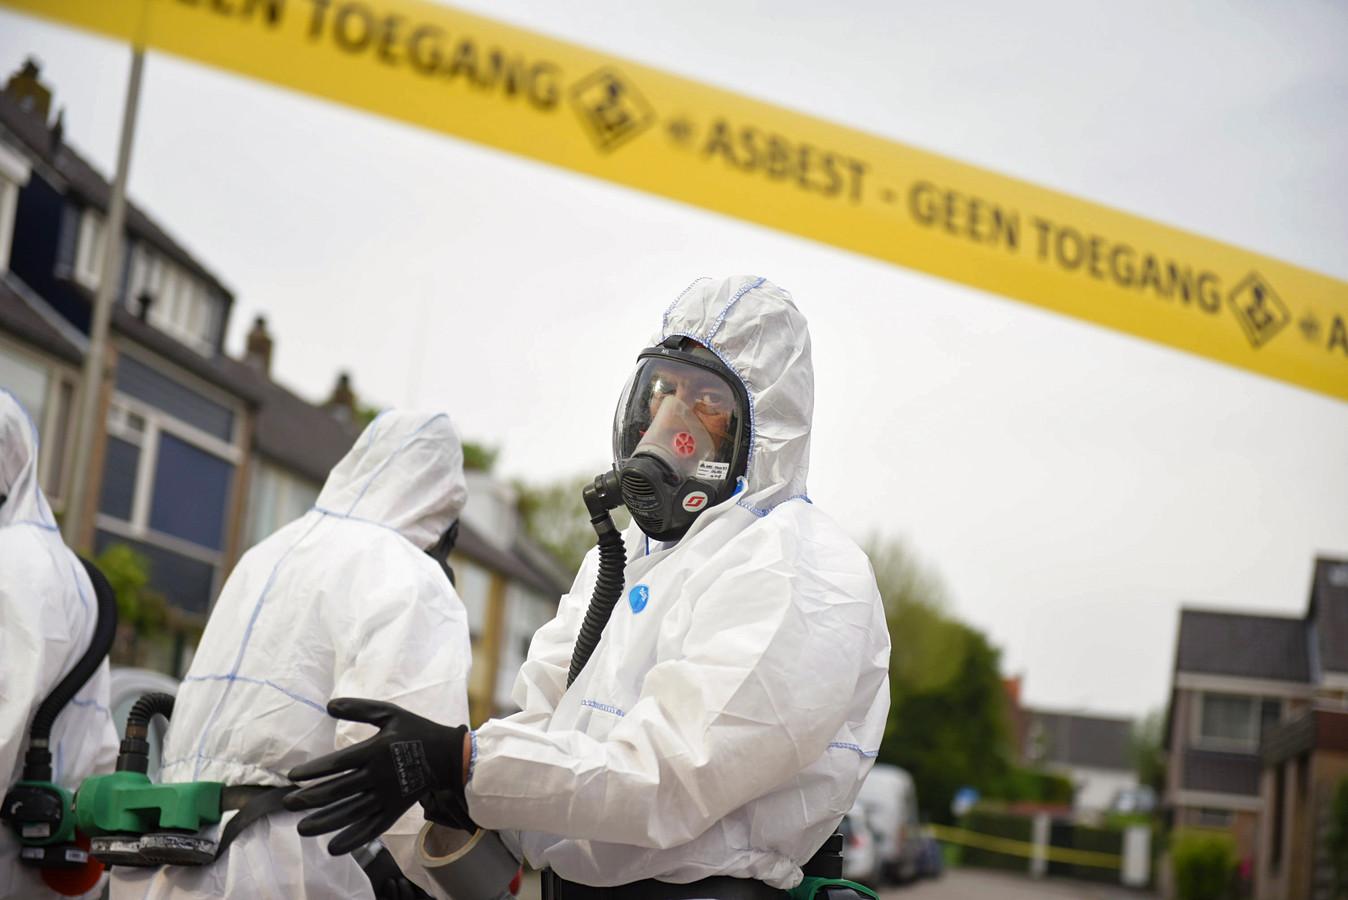 Wie op het werk veel met gevaarlijke stoffen in aanraking komt, zoals asbest, kan vaker controle van de inspectie verwachten.